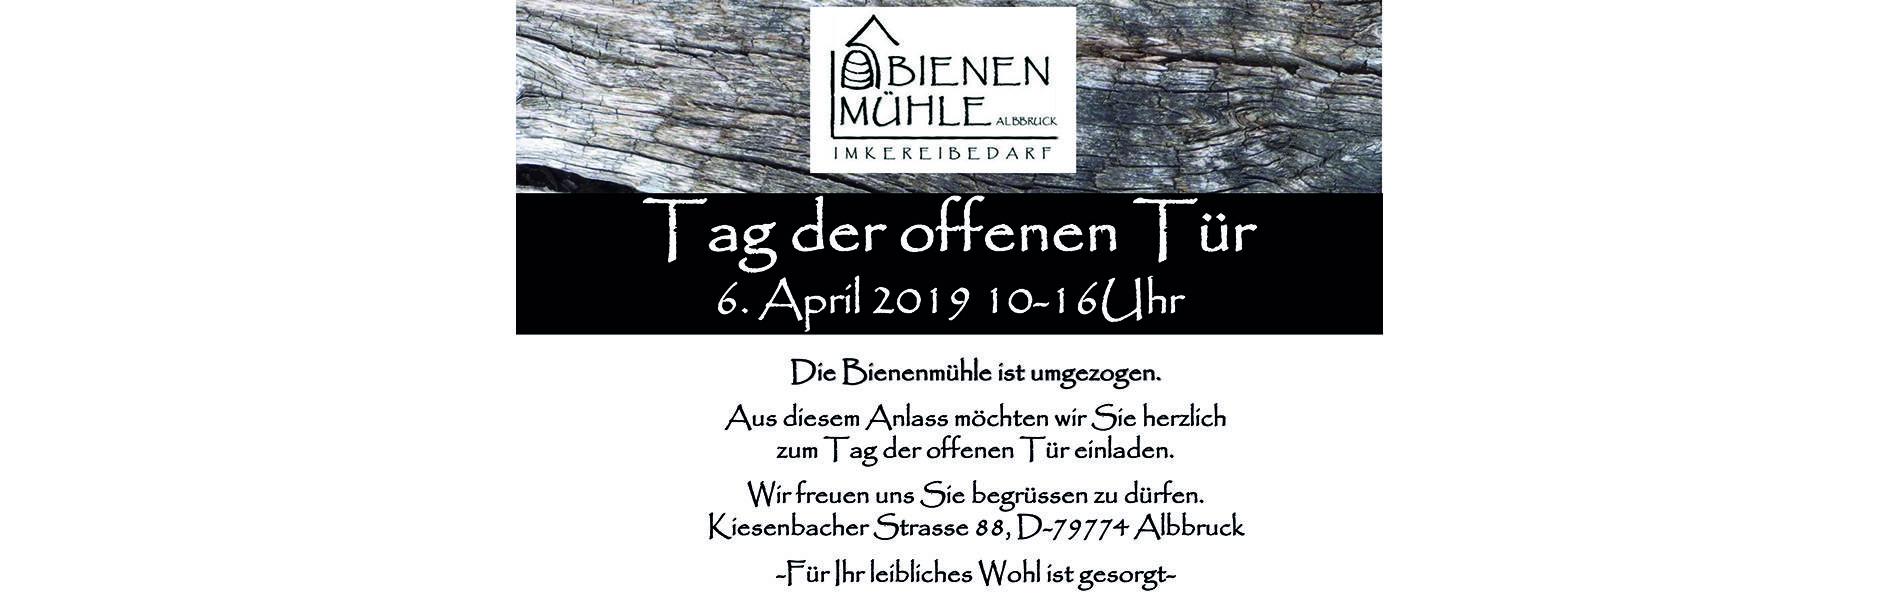 Einladung_Tag_der_offenen_T_r_6._April_2019